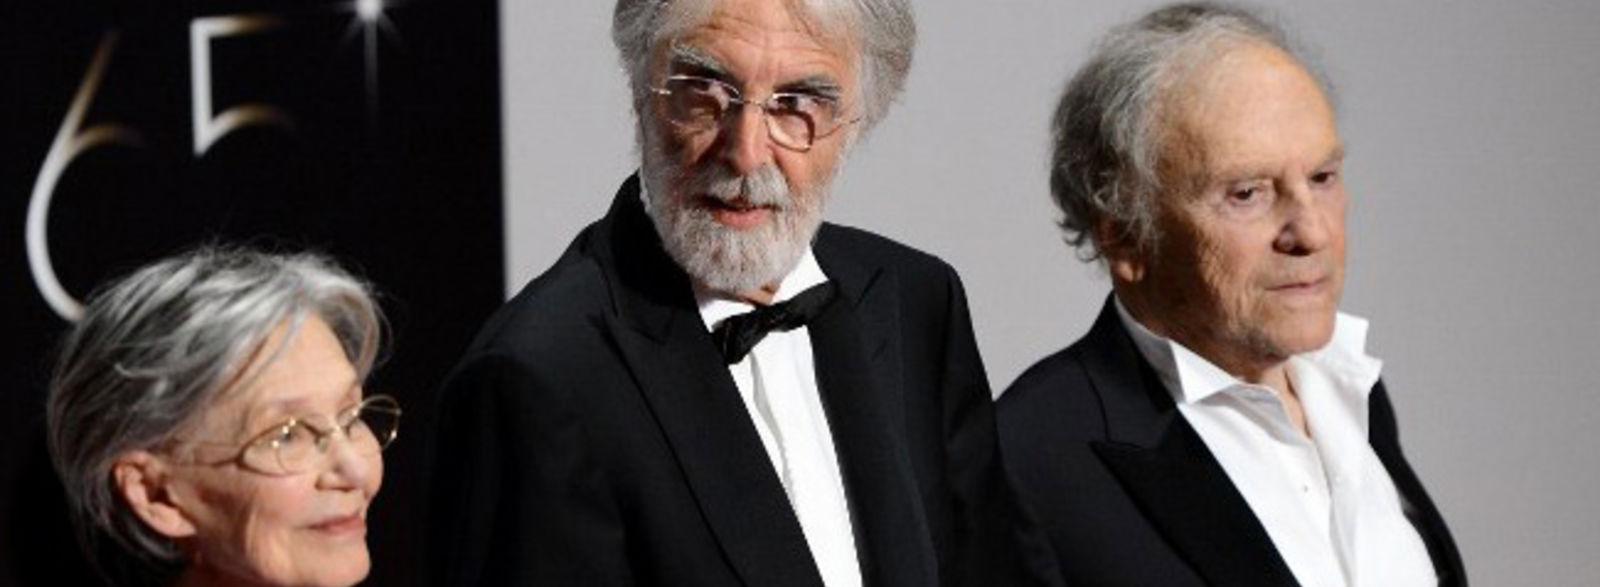 Cannes 2012 : La Palme d'or à «Amour» d'Haneke mais un palmarès absurde